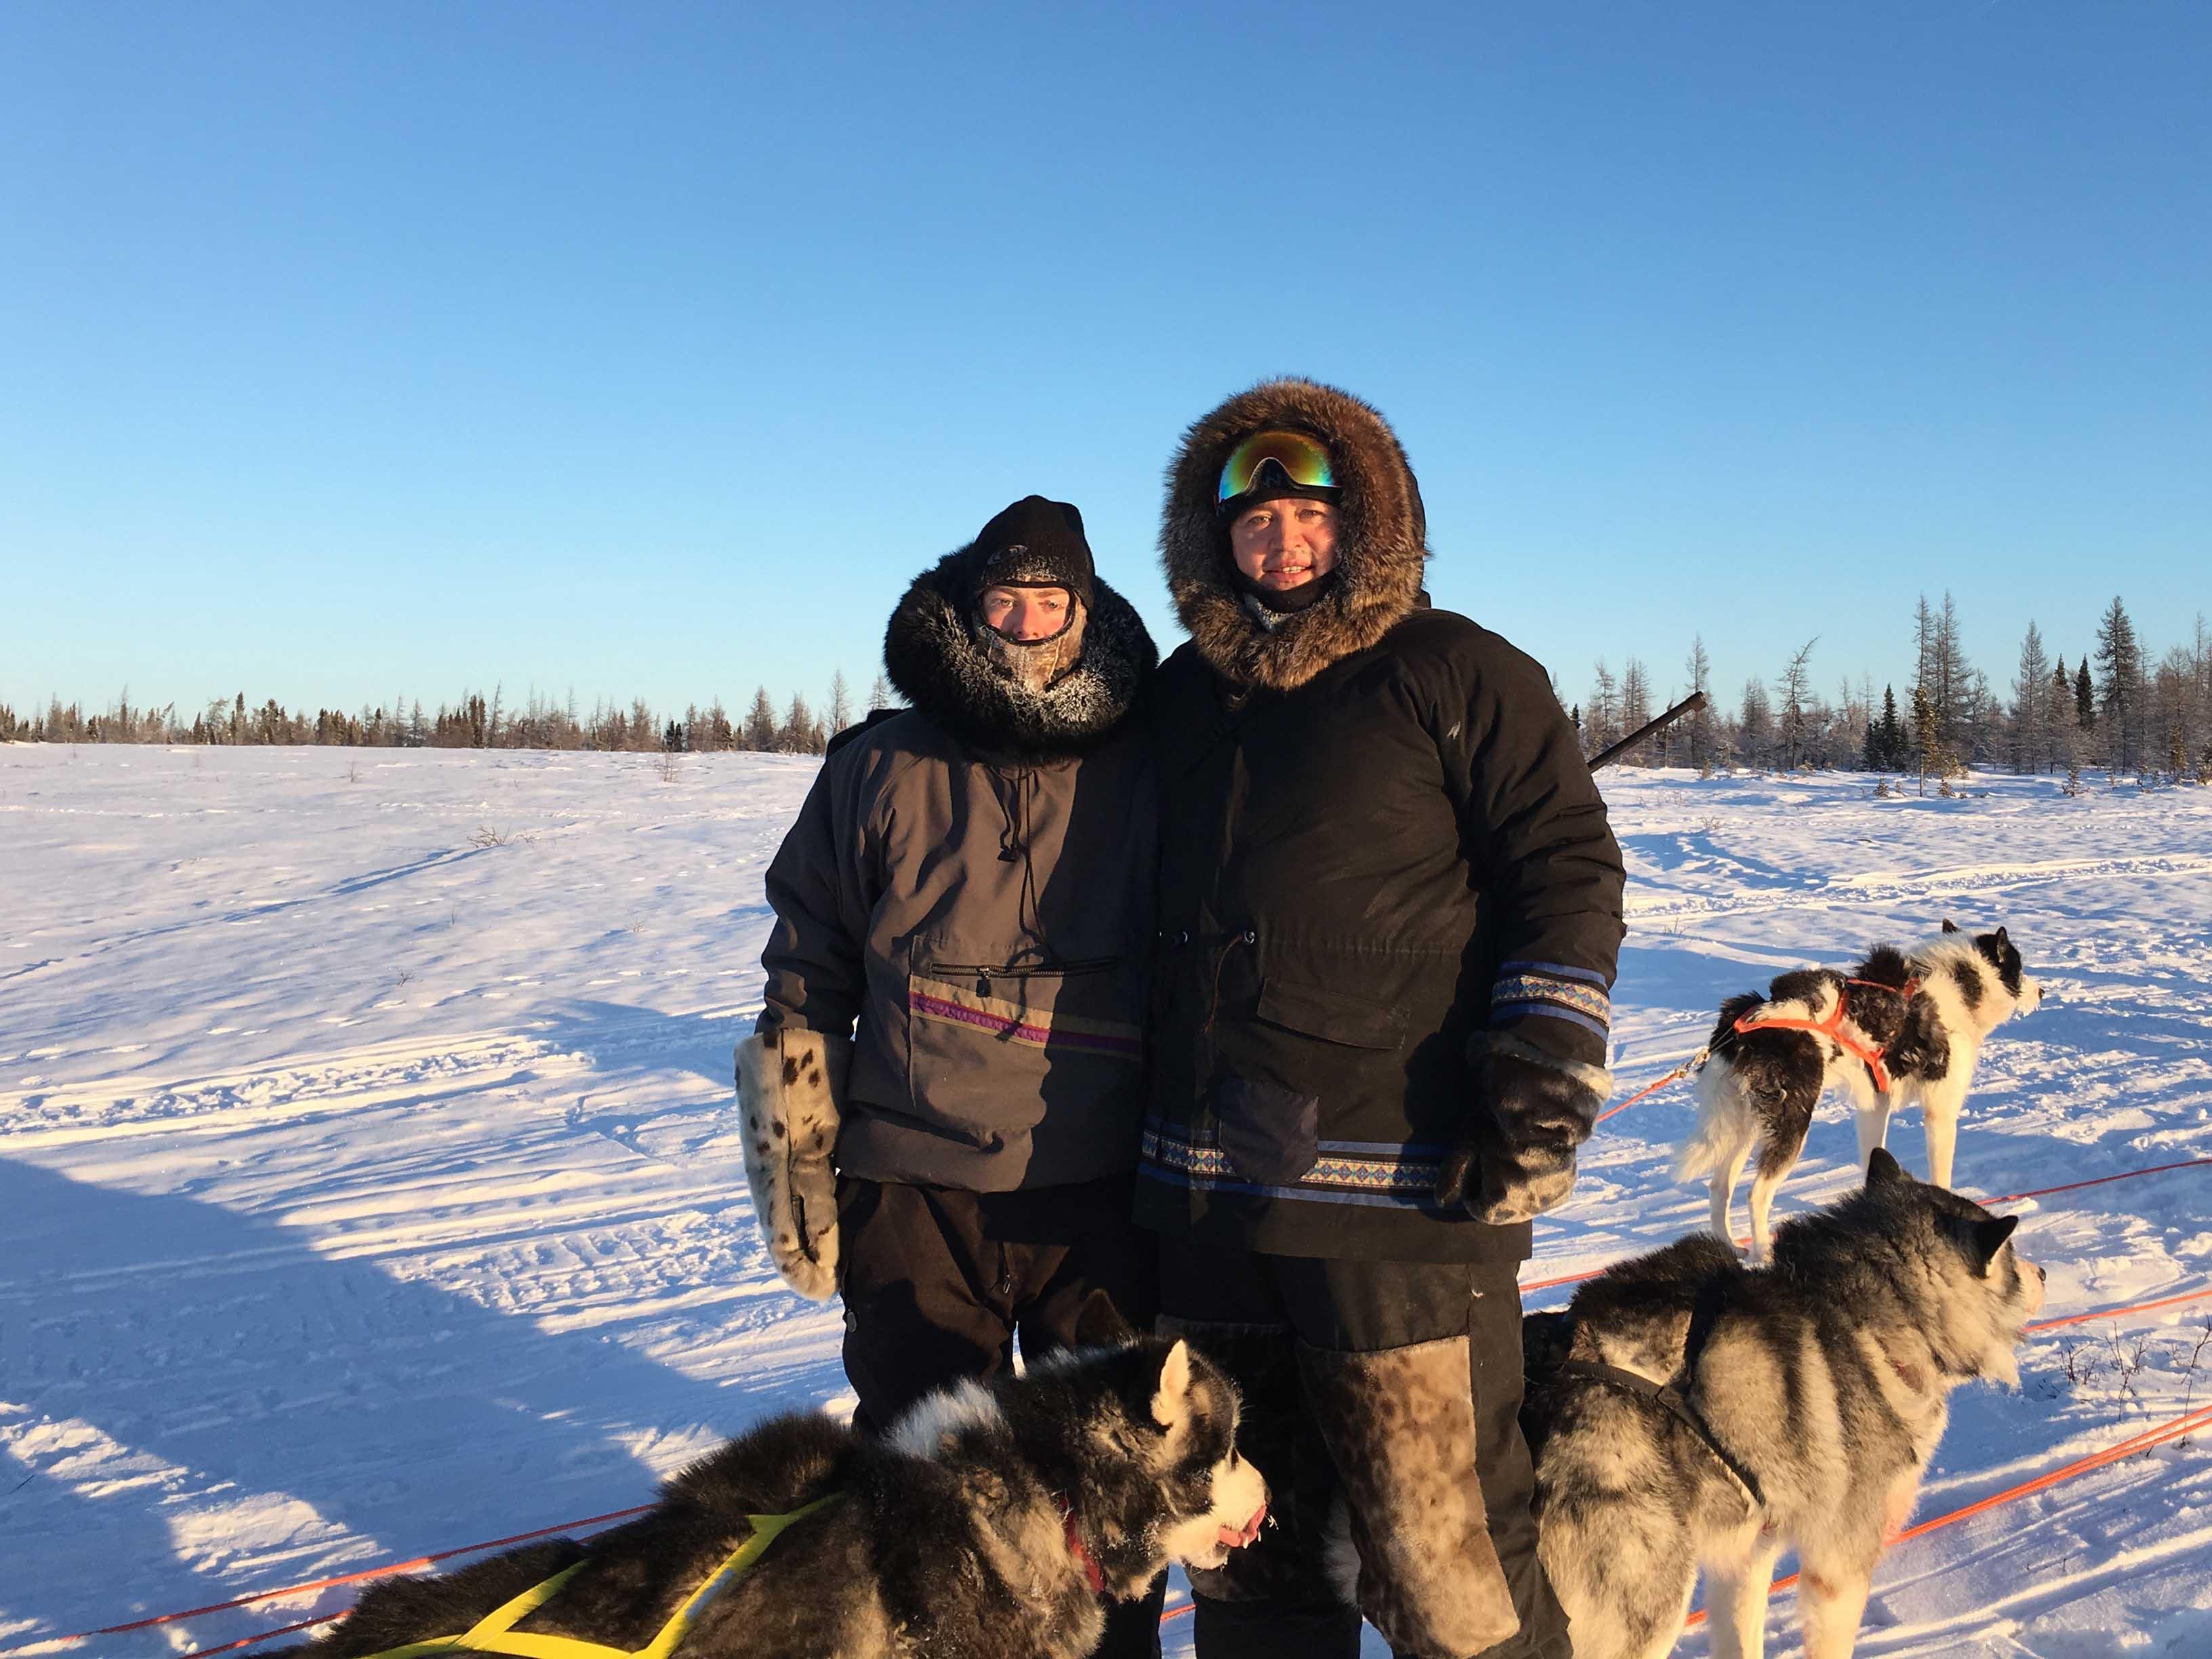 merci aux inuit du nunavik louis de gouyon matignon et les inuit